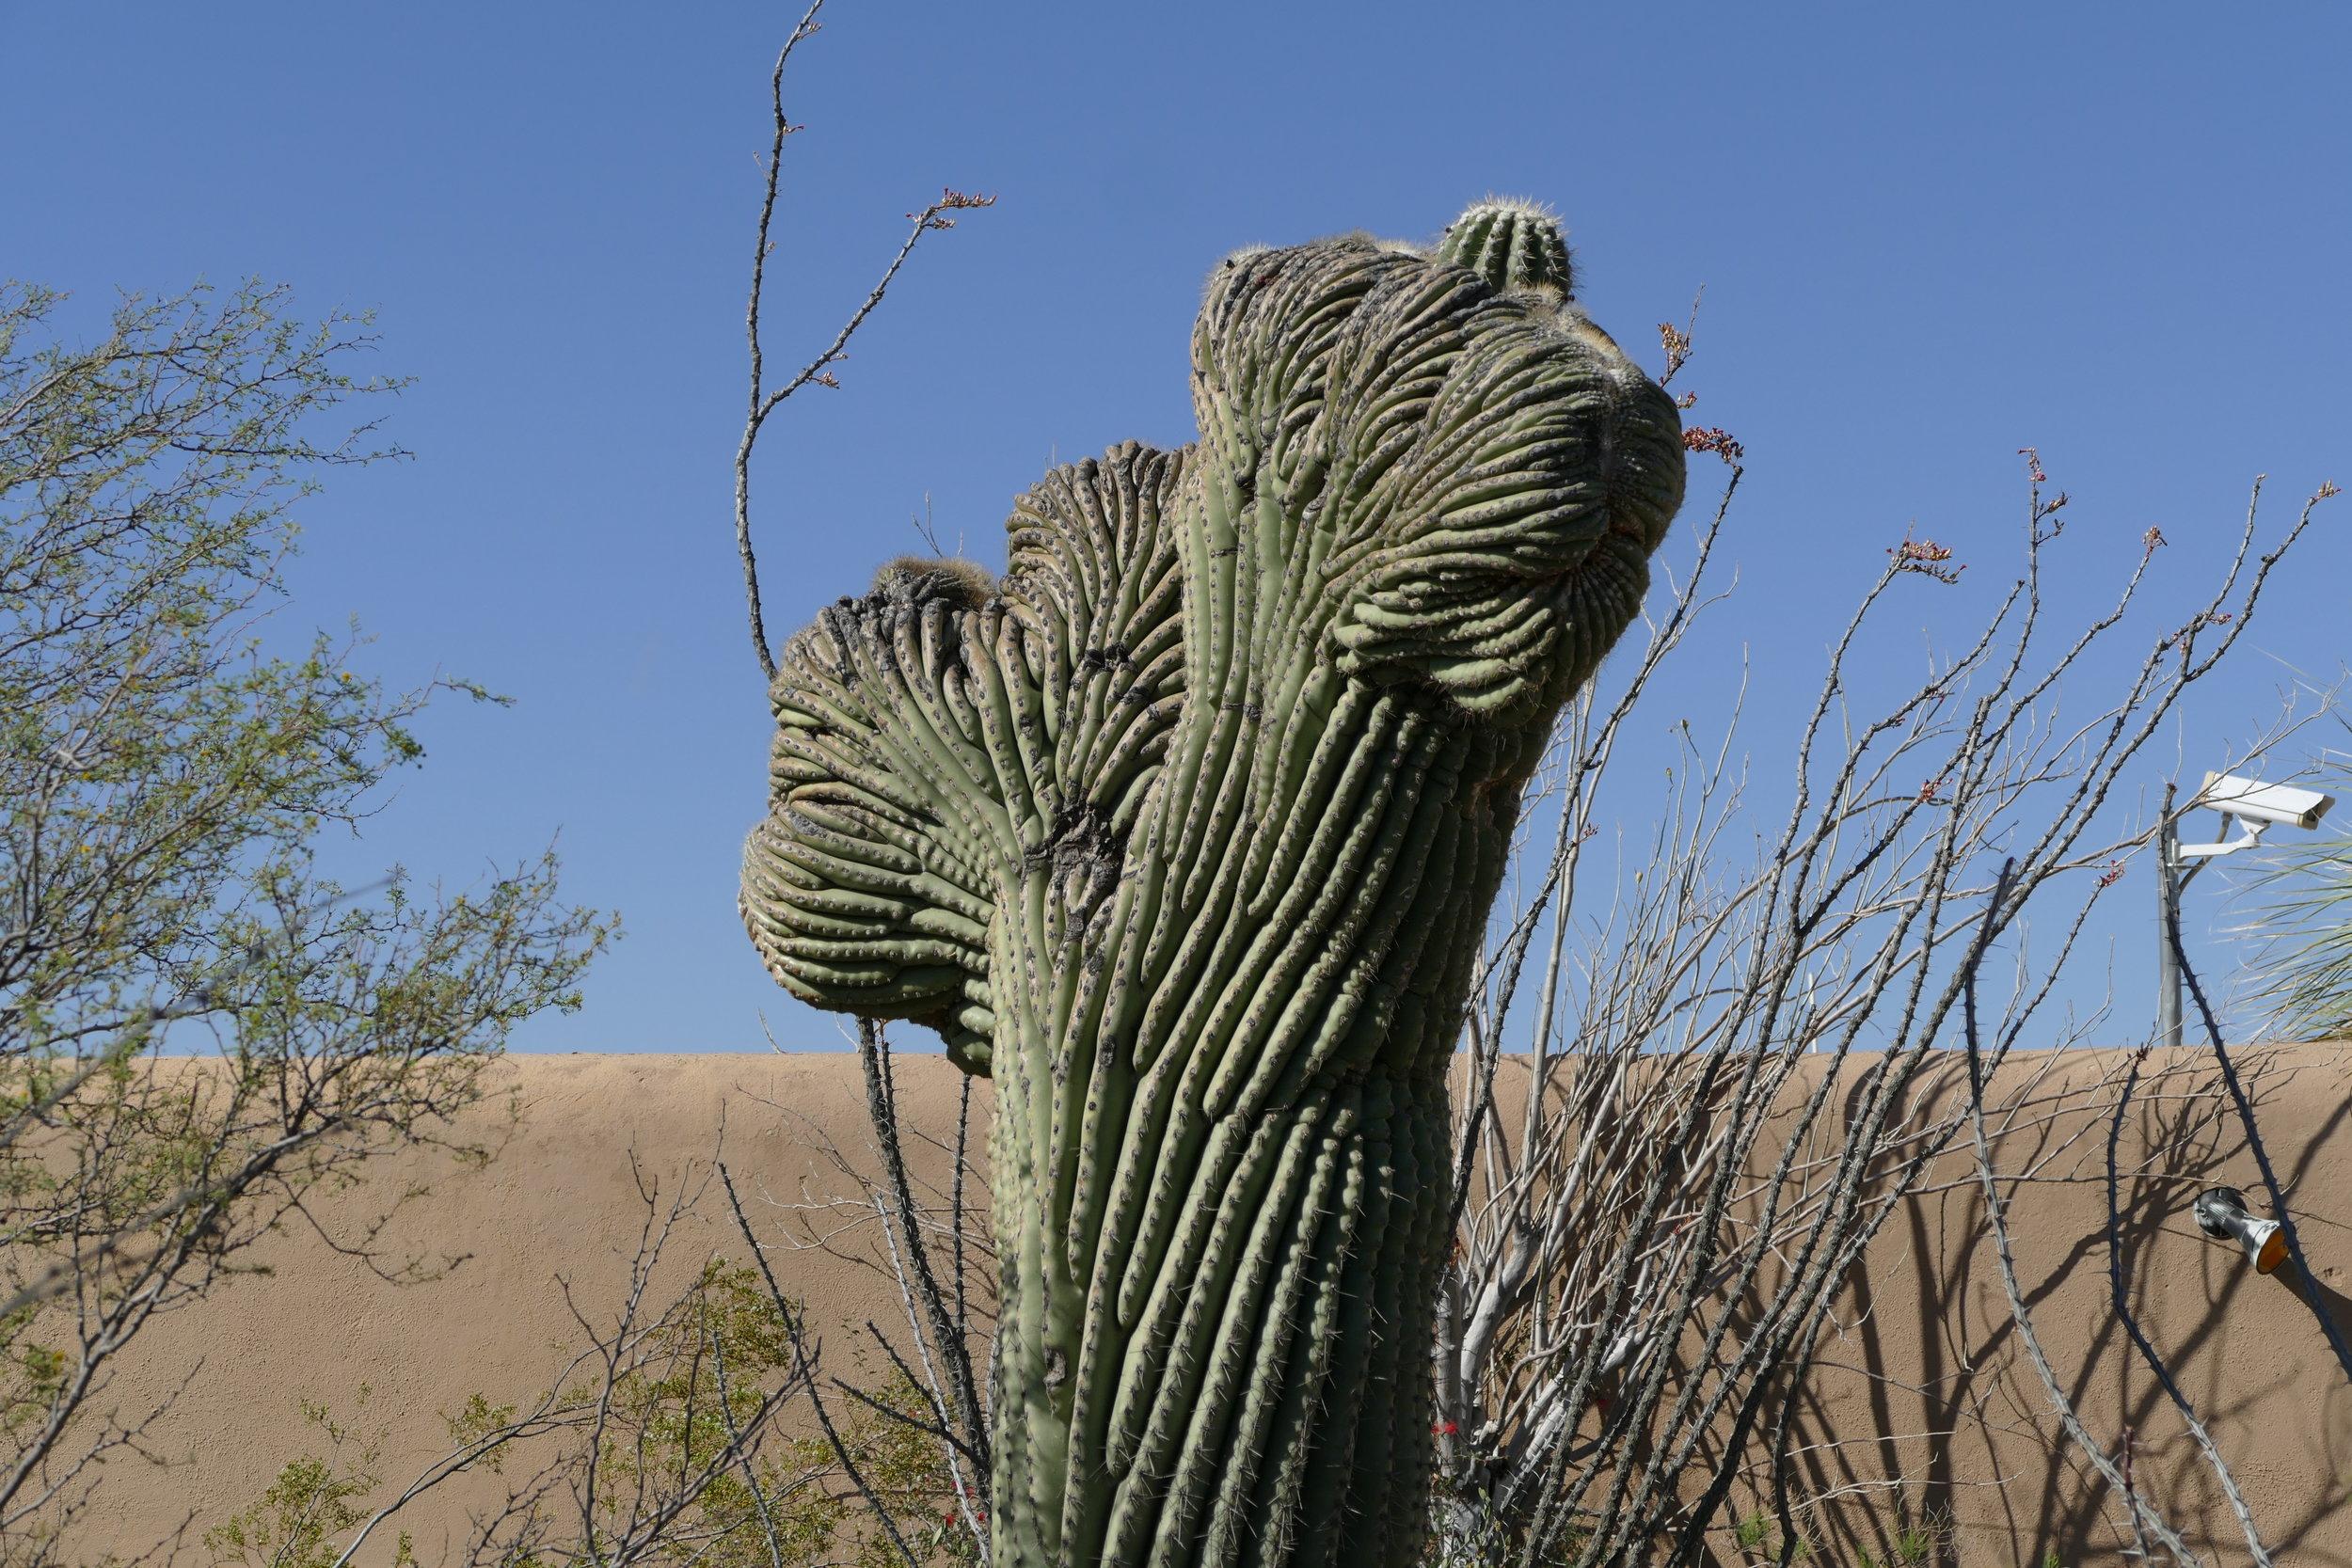 Rare cristate saguaro